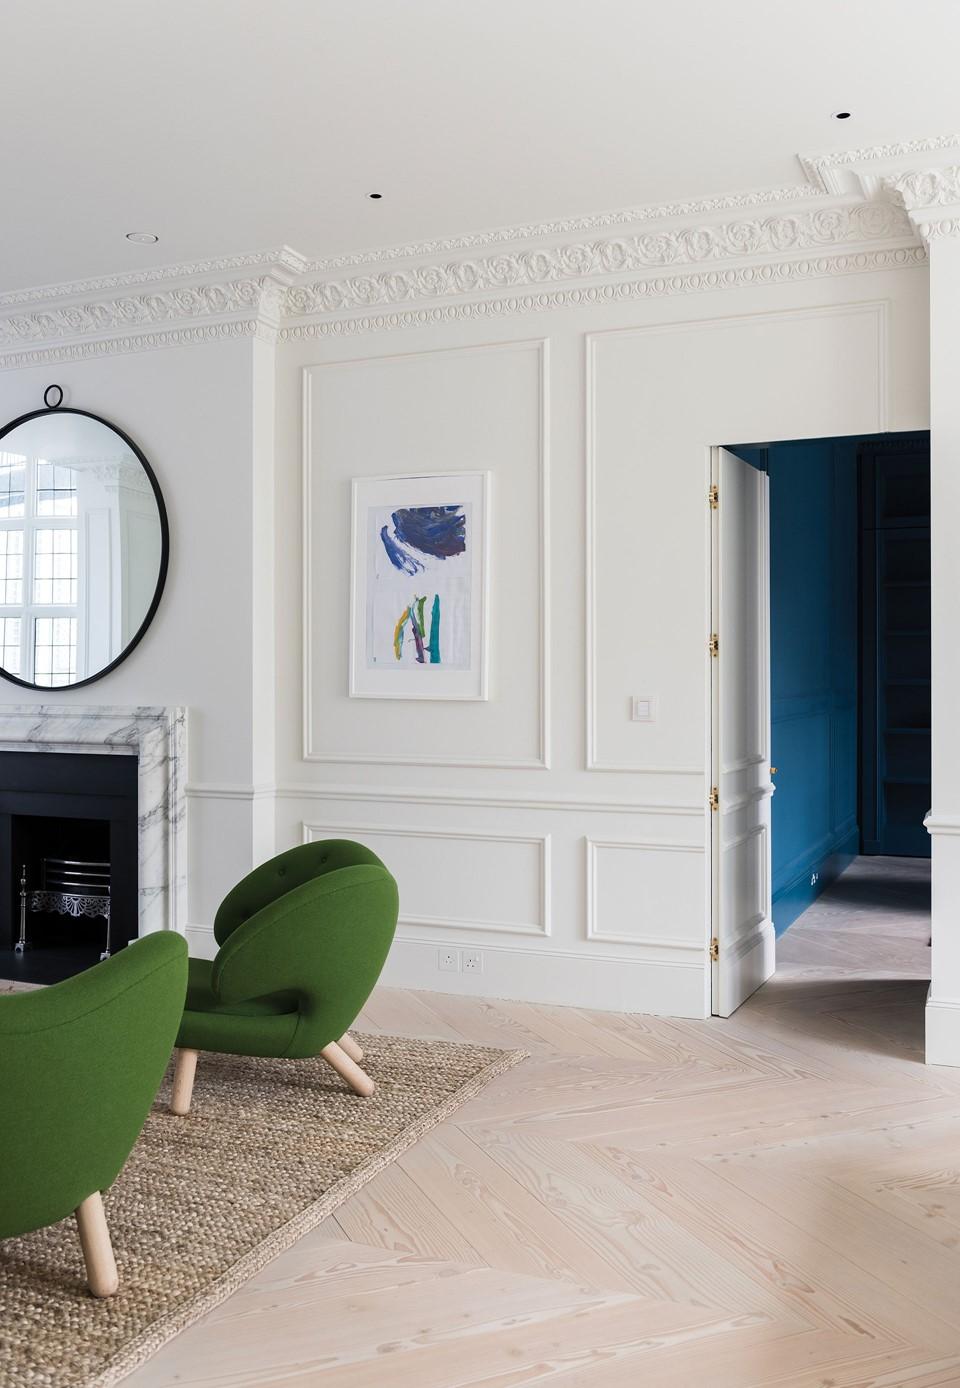 douglas-flooring-chevron_lye-white-soap_landsdowne-road_living-room_dinesen_02.jpg